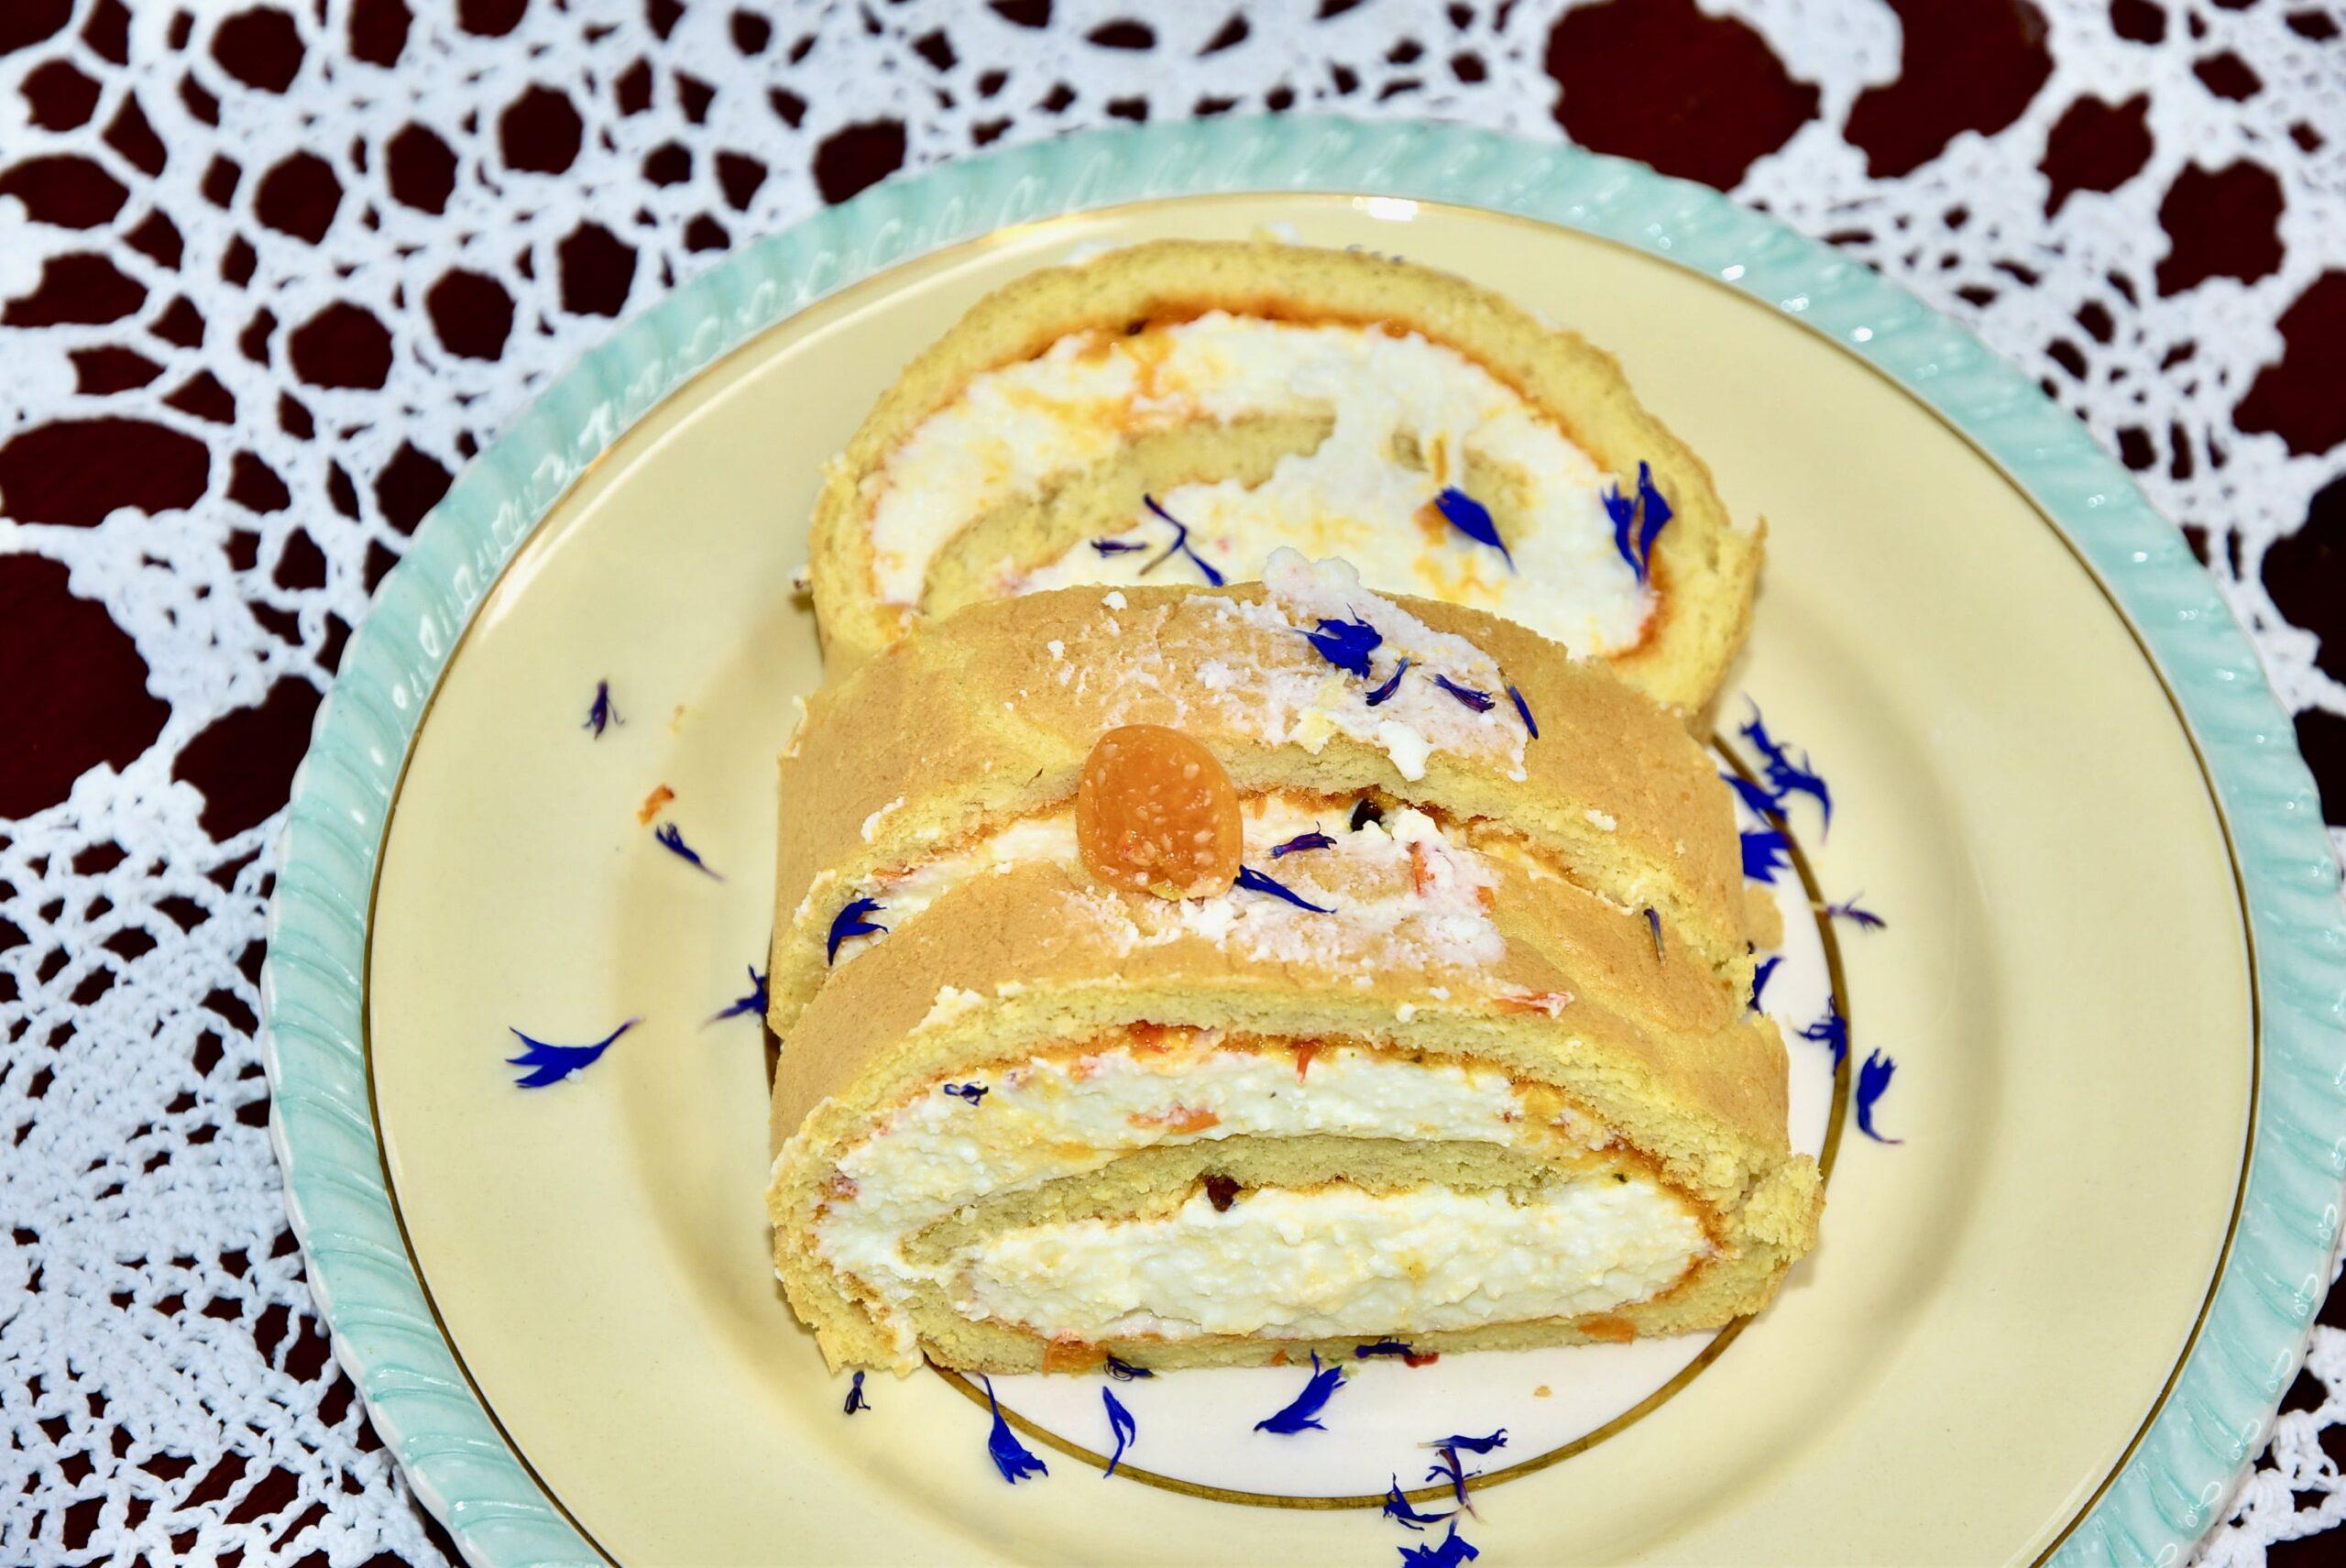 suhkruvaba gluteenivaba keto mandlijahust biskviit